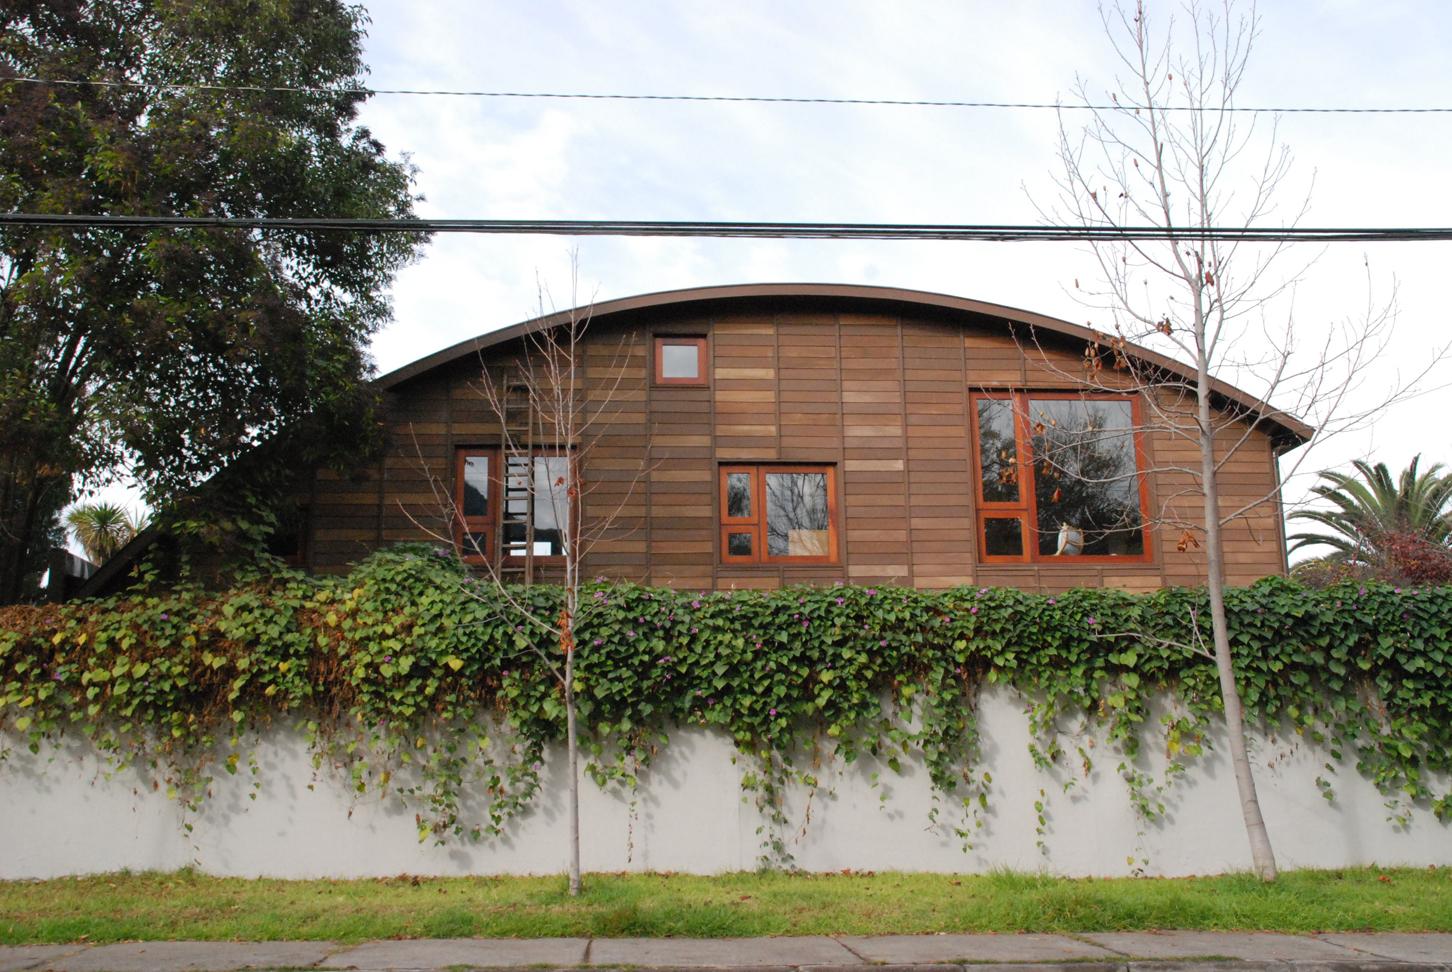 Casa Santa Zurda - Martin Hurtado Arquitectos